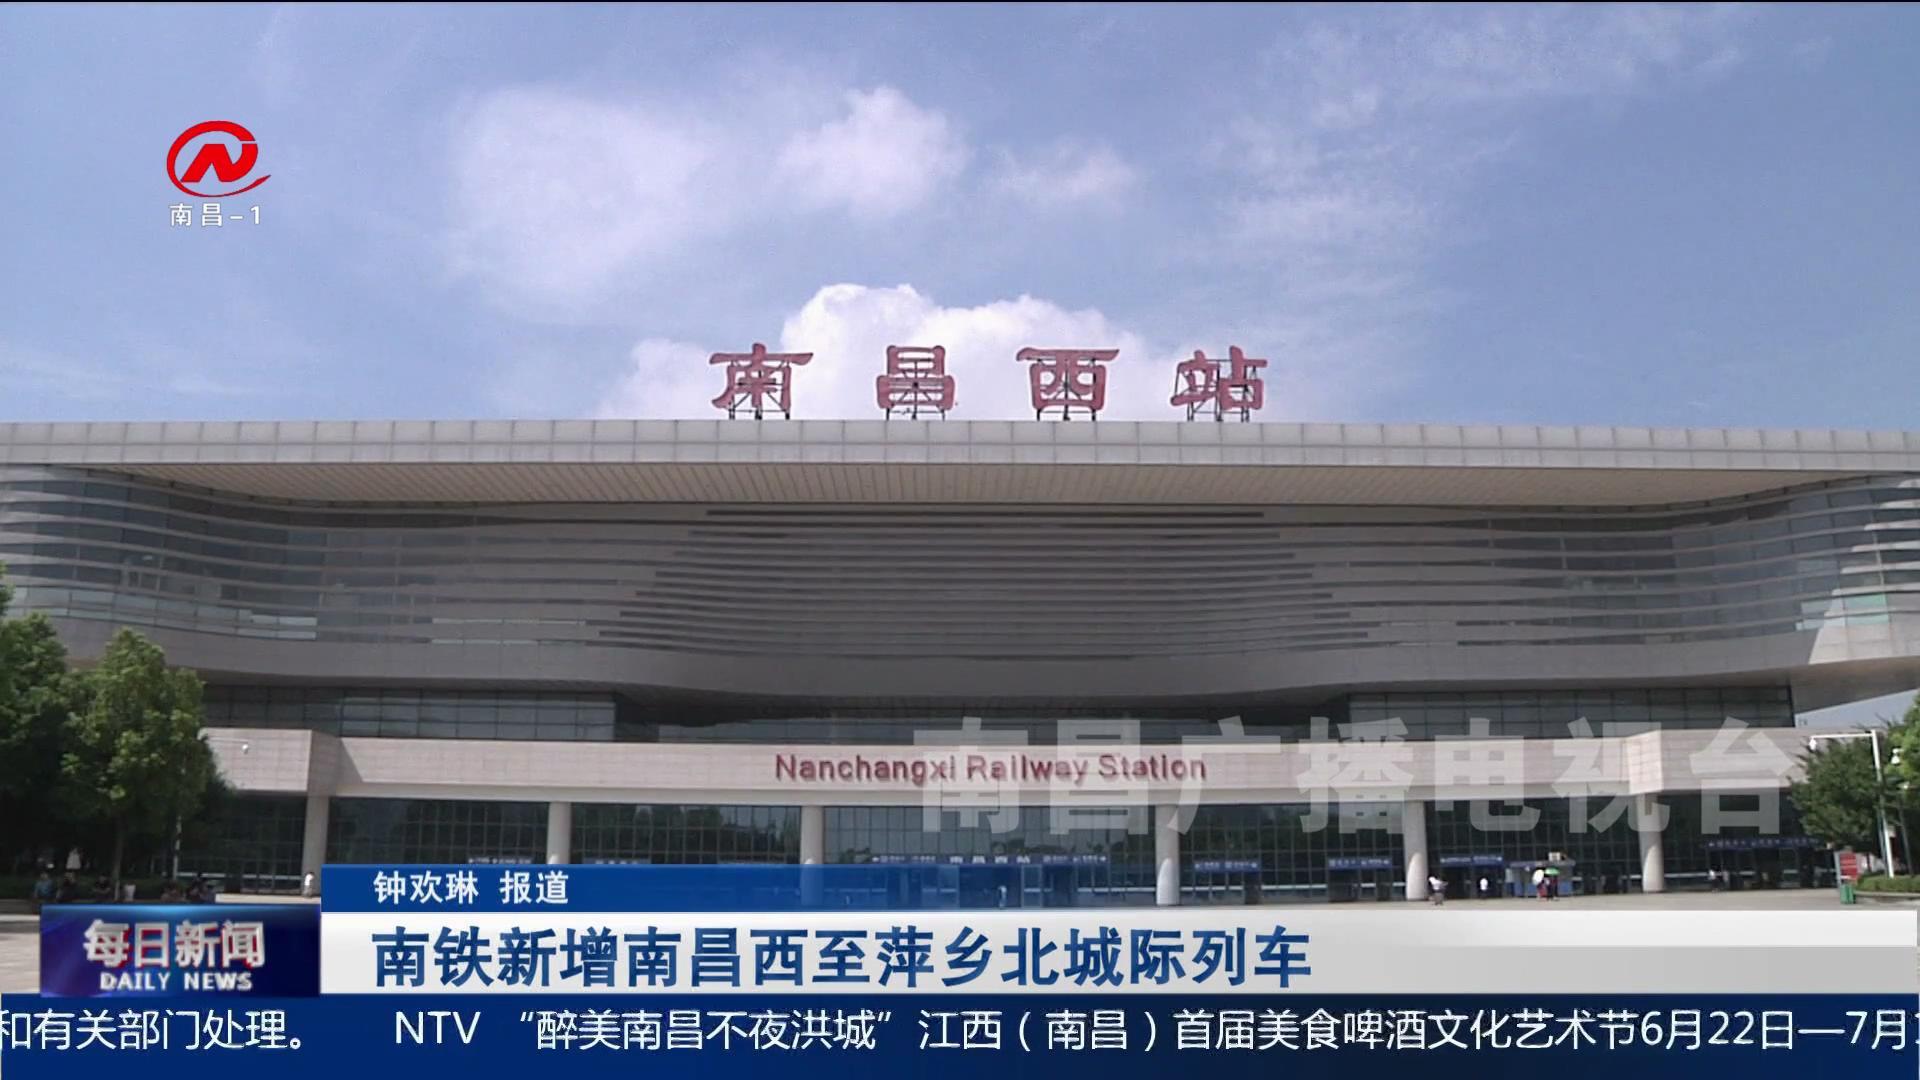 南铁新增南昌西至萍乡北城际列车